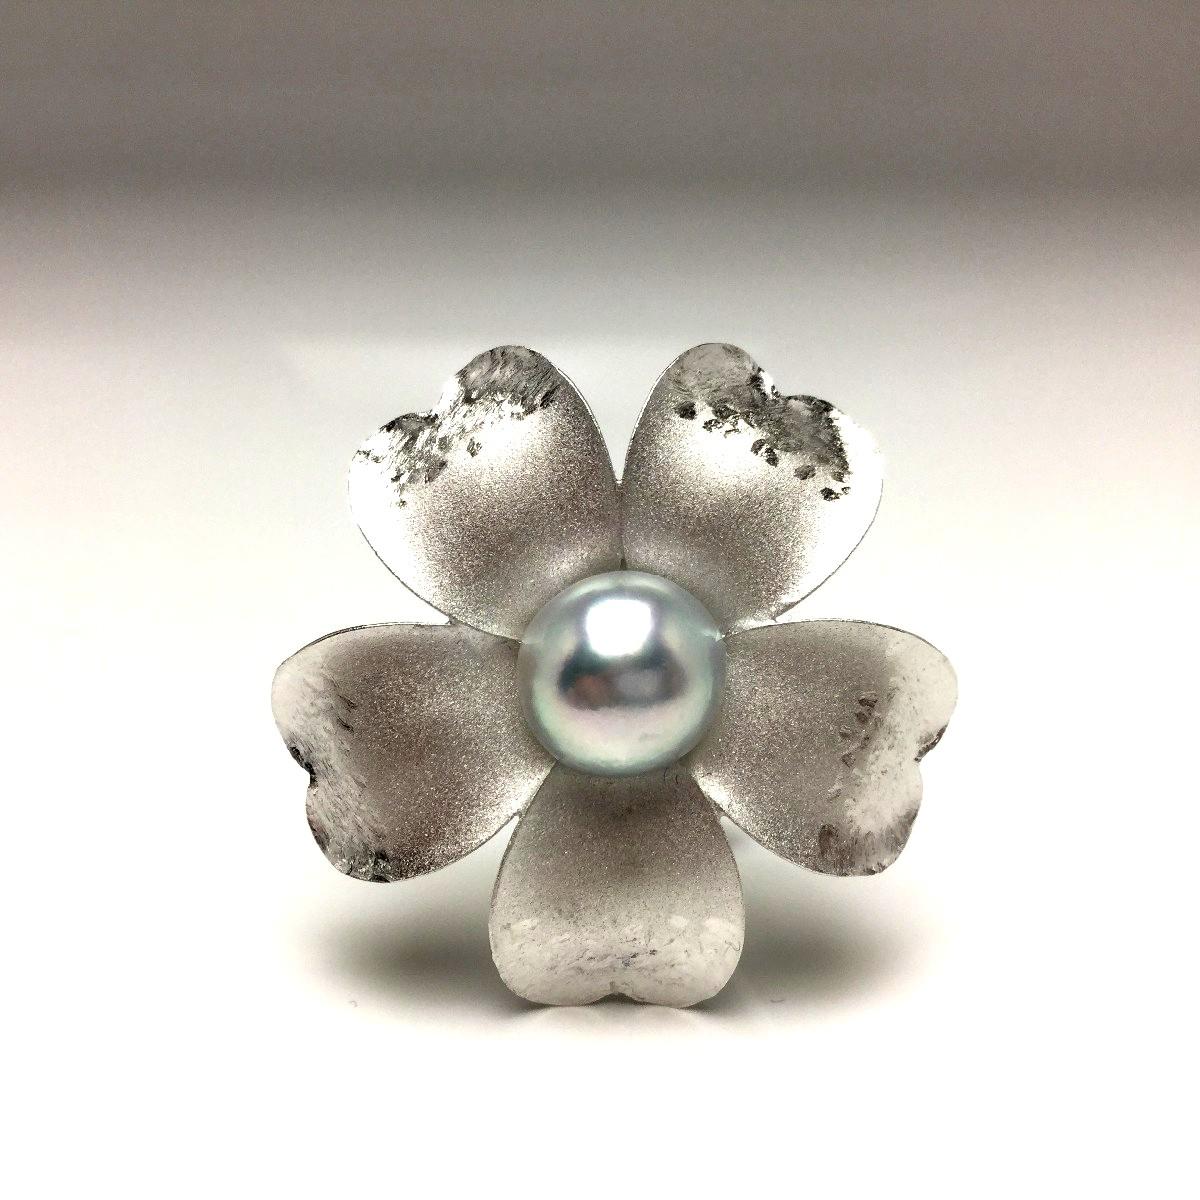 真珠 ブローチ パール アコヤ真珠 9.59mm シルバーブルー(ナチュラル) シルバー 植物 フラワー 65883 イソワパール